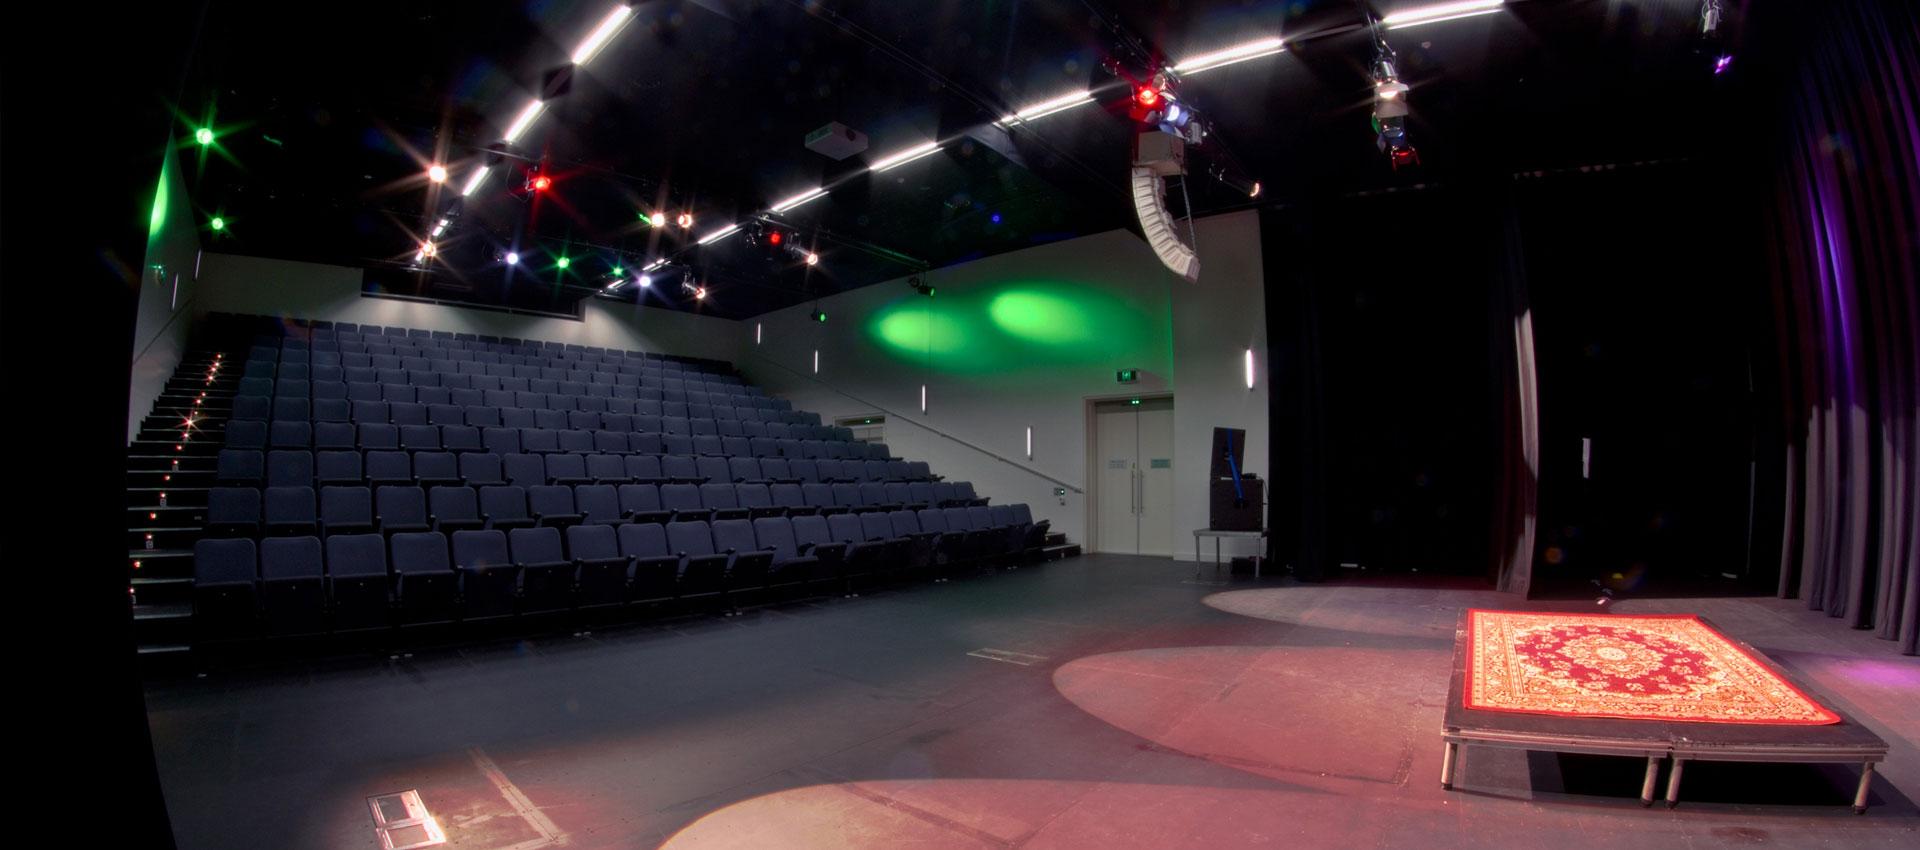 QMC Venue Hire Brisbane - Auditorium Seating